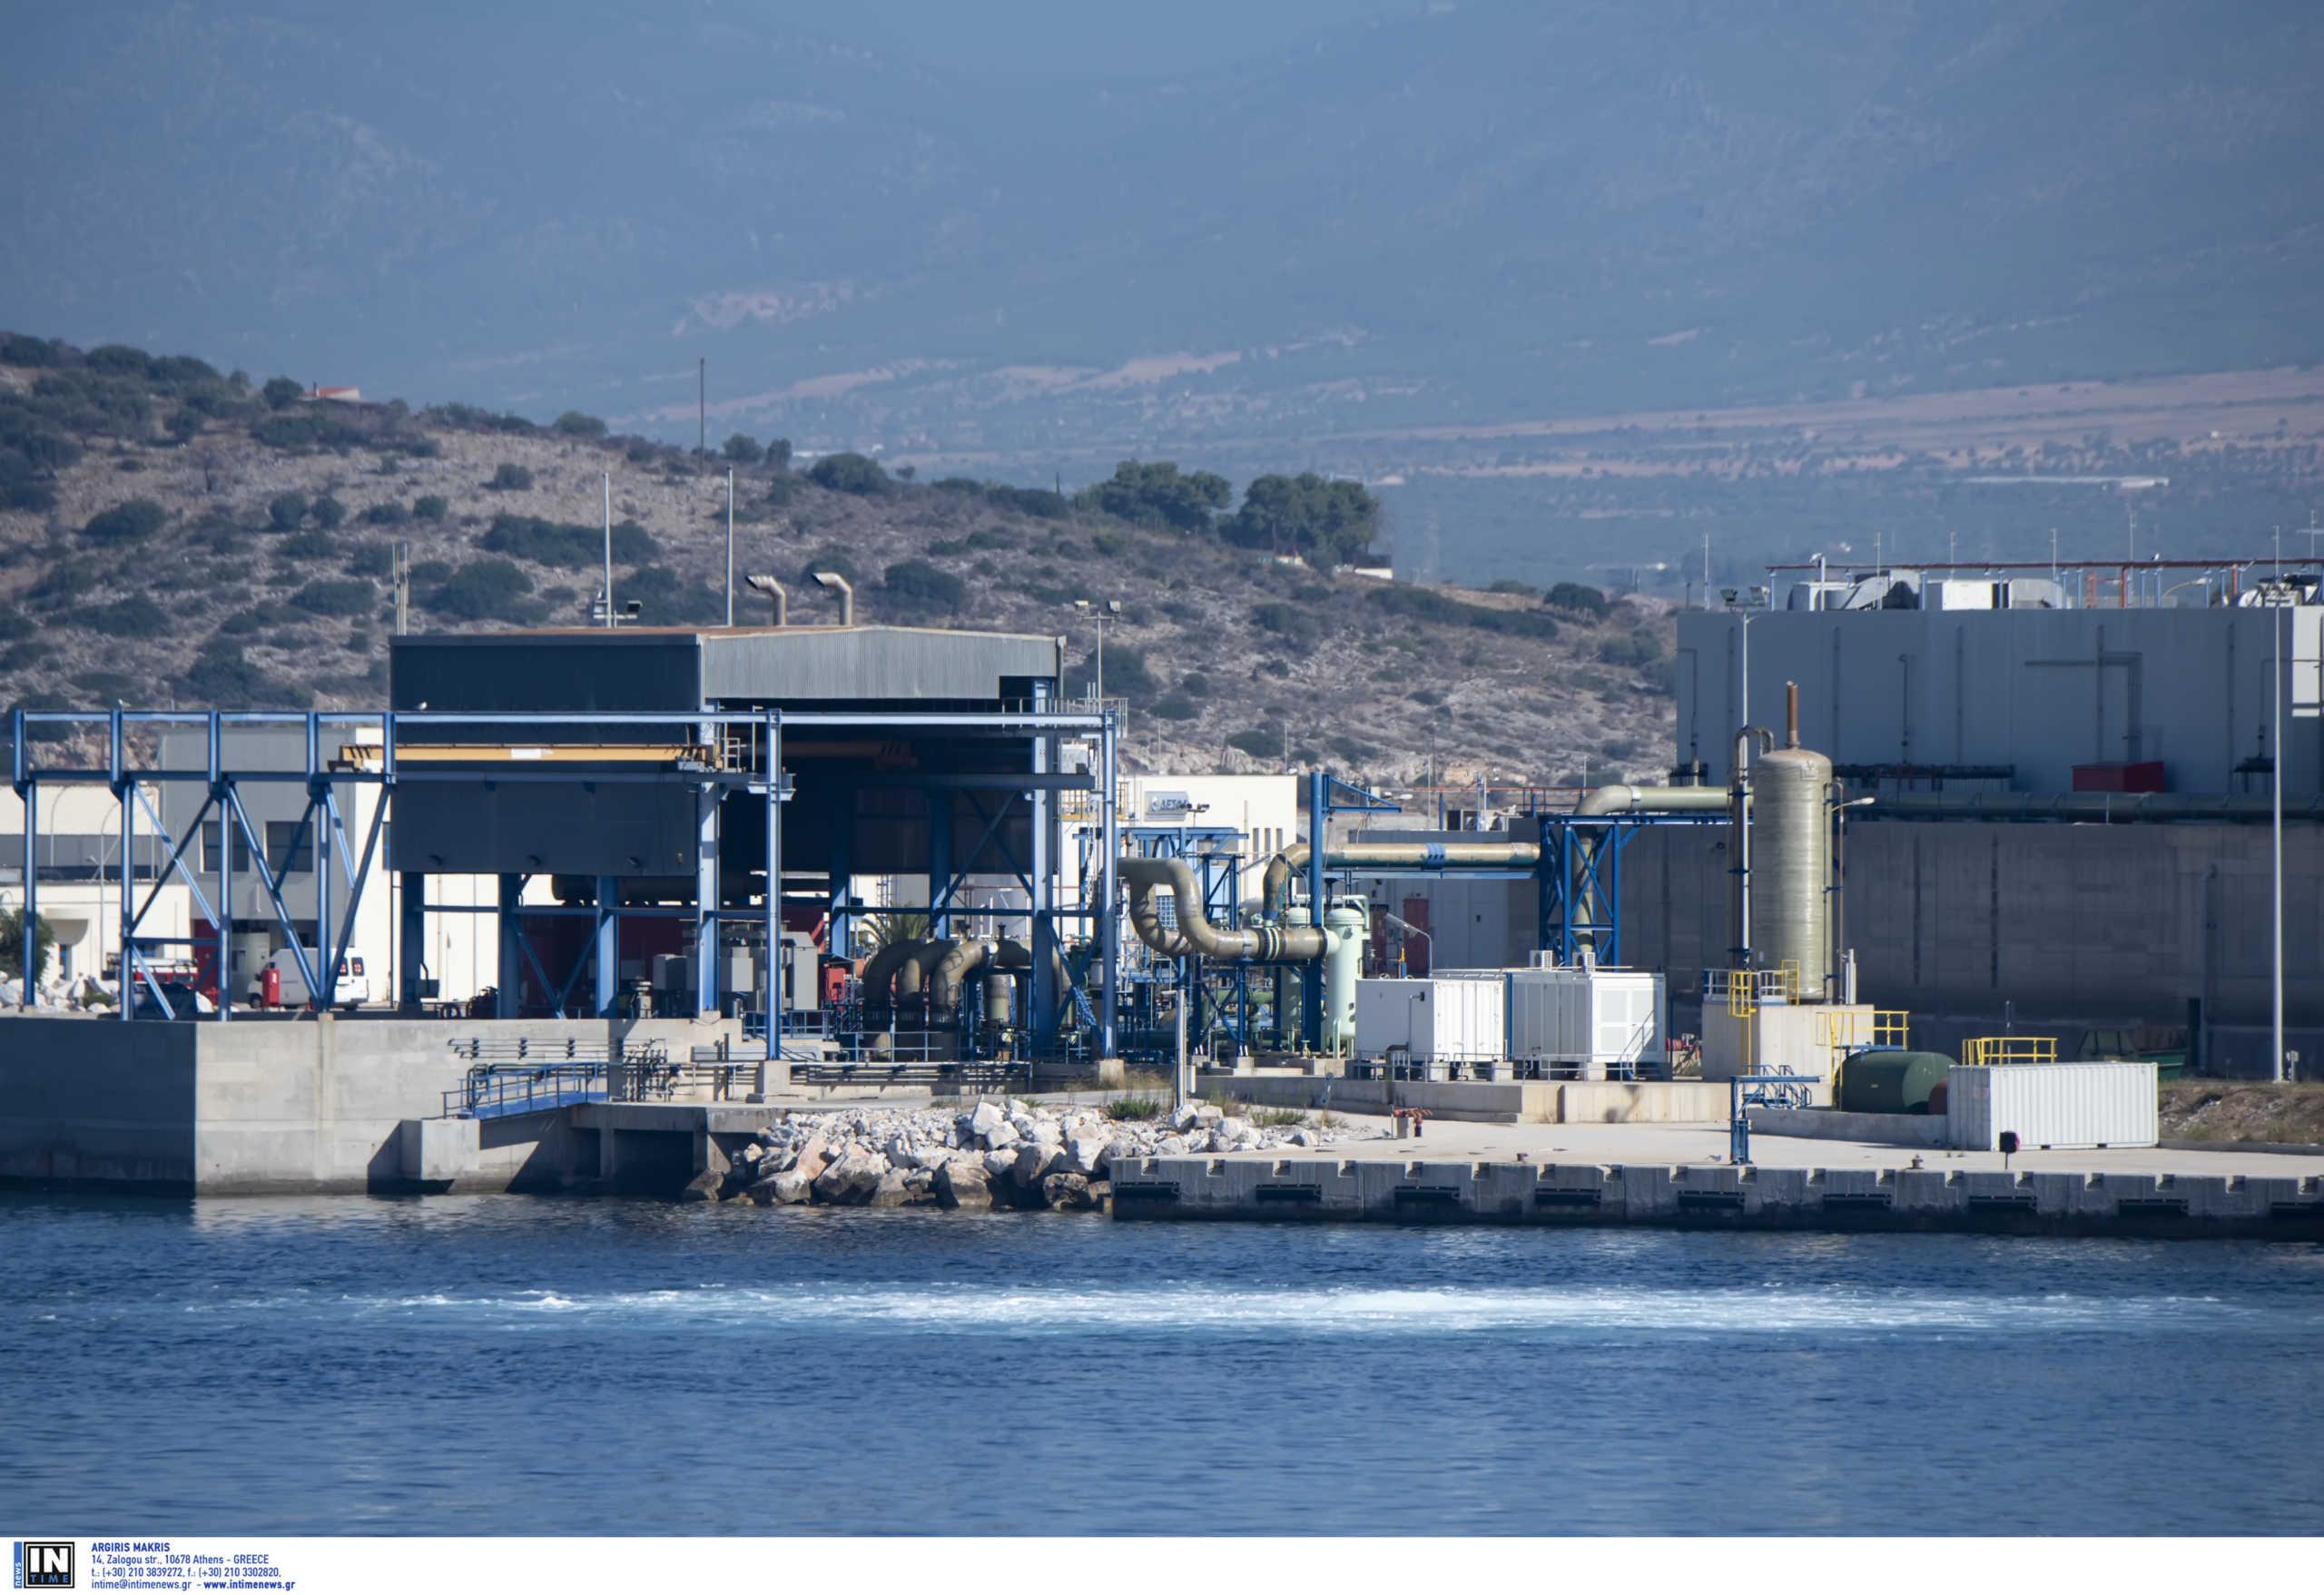 Αυξάνεται η ζήτηση για σύνδεση στο φυσικό αέριο